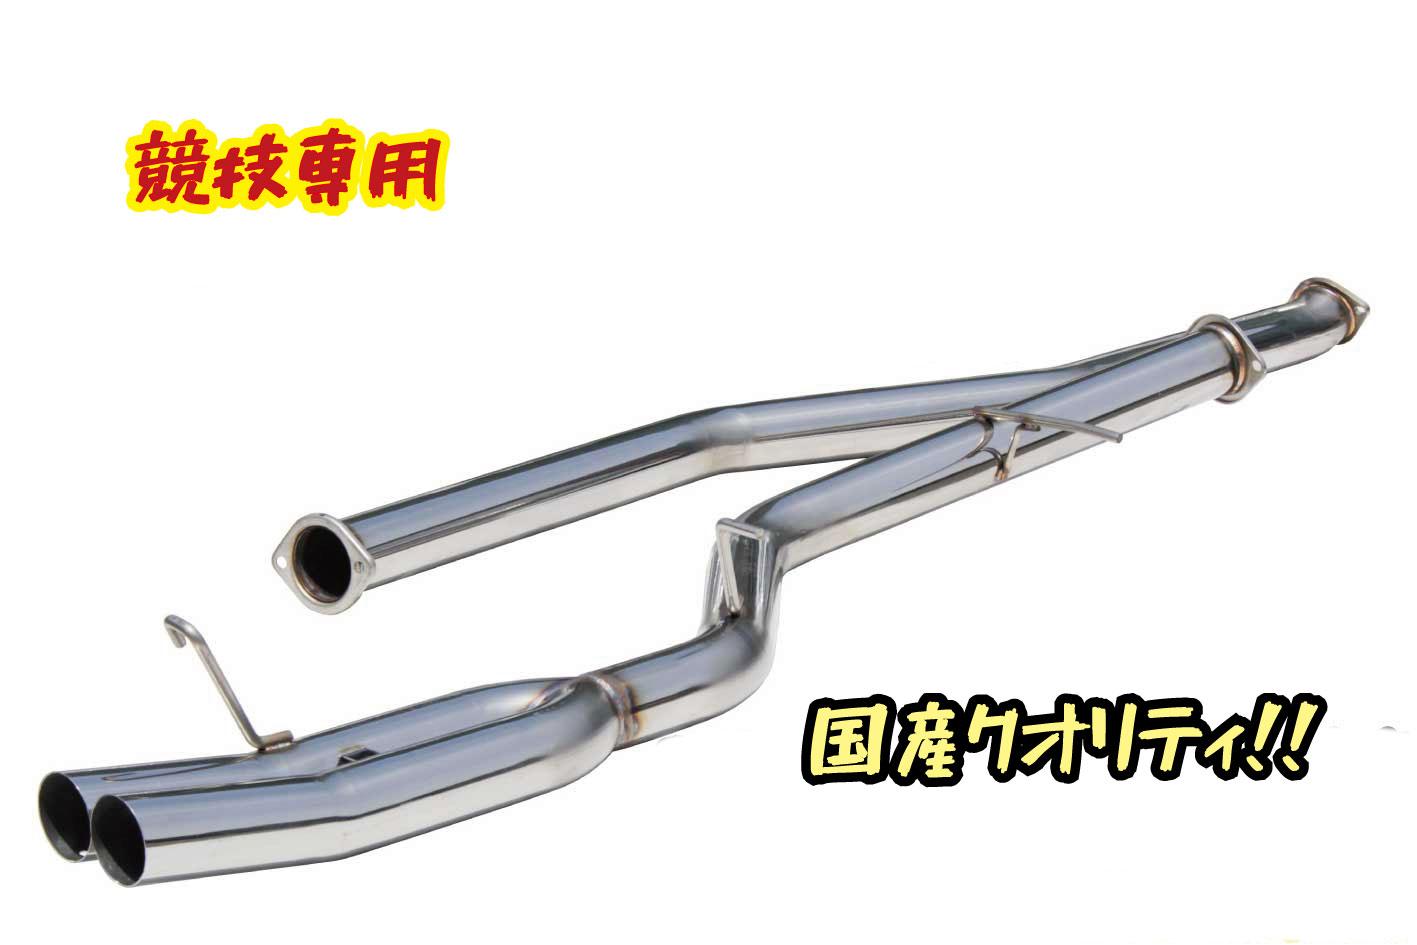 国産!!オリジナルデュアルマフラー サブタイコ無 爆音!! マーク2 チェイサー クレスタ JZX100 1JZ-GTE 競技専用 日本製 ドリフト